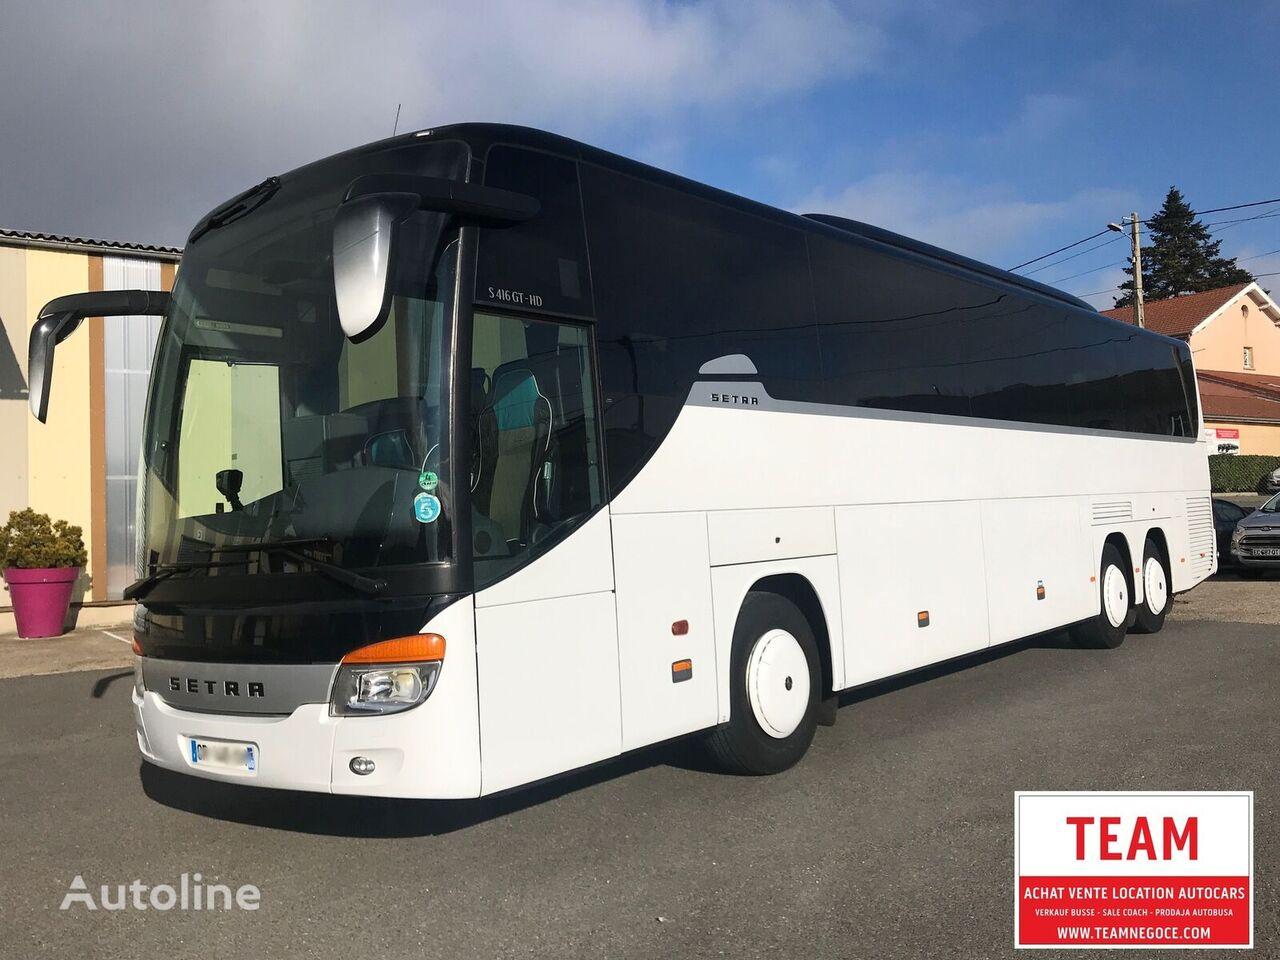 SETRA 416 GTHD - GT HD coach bus